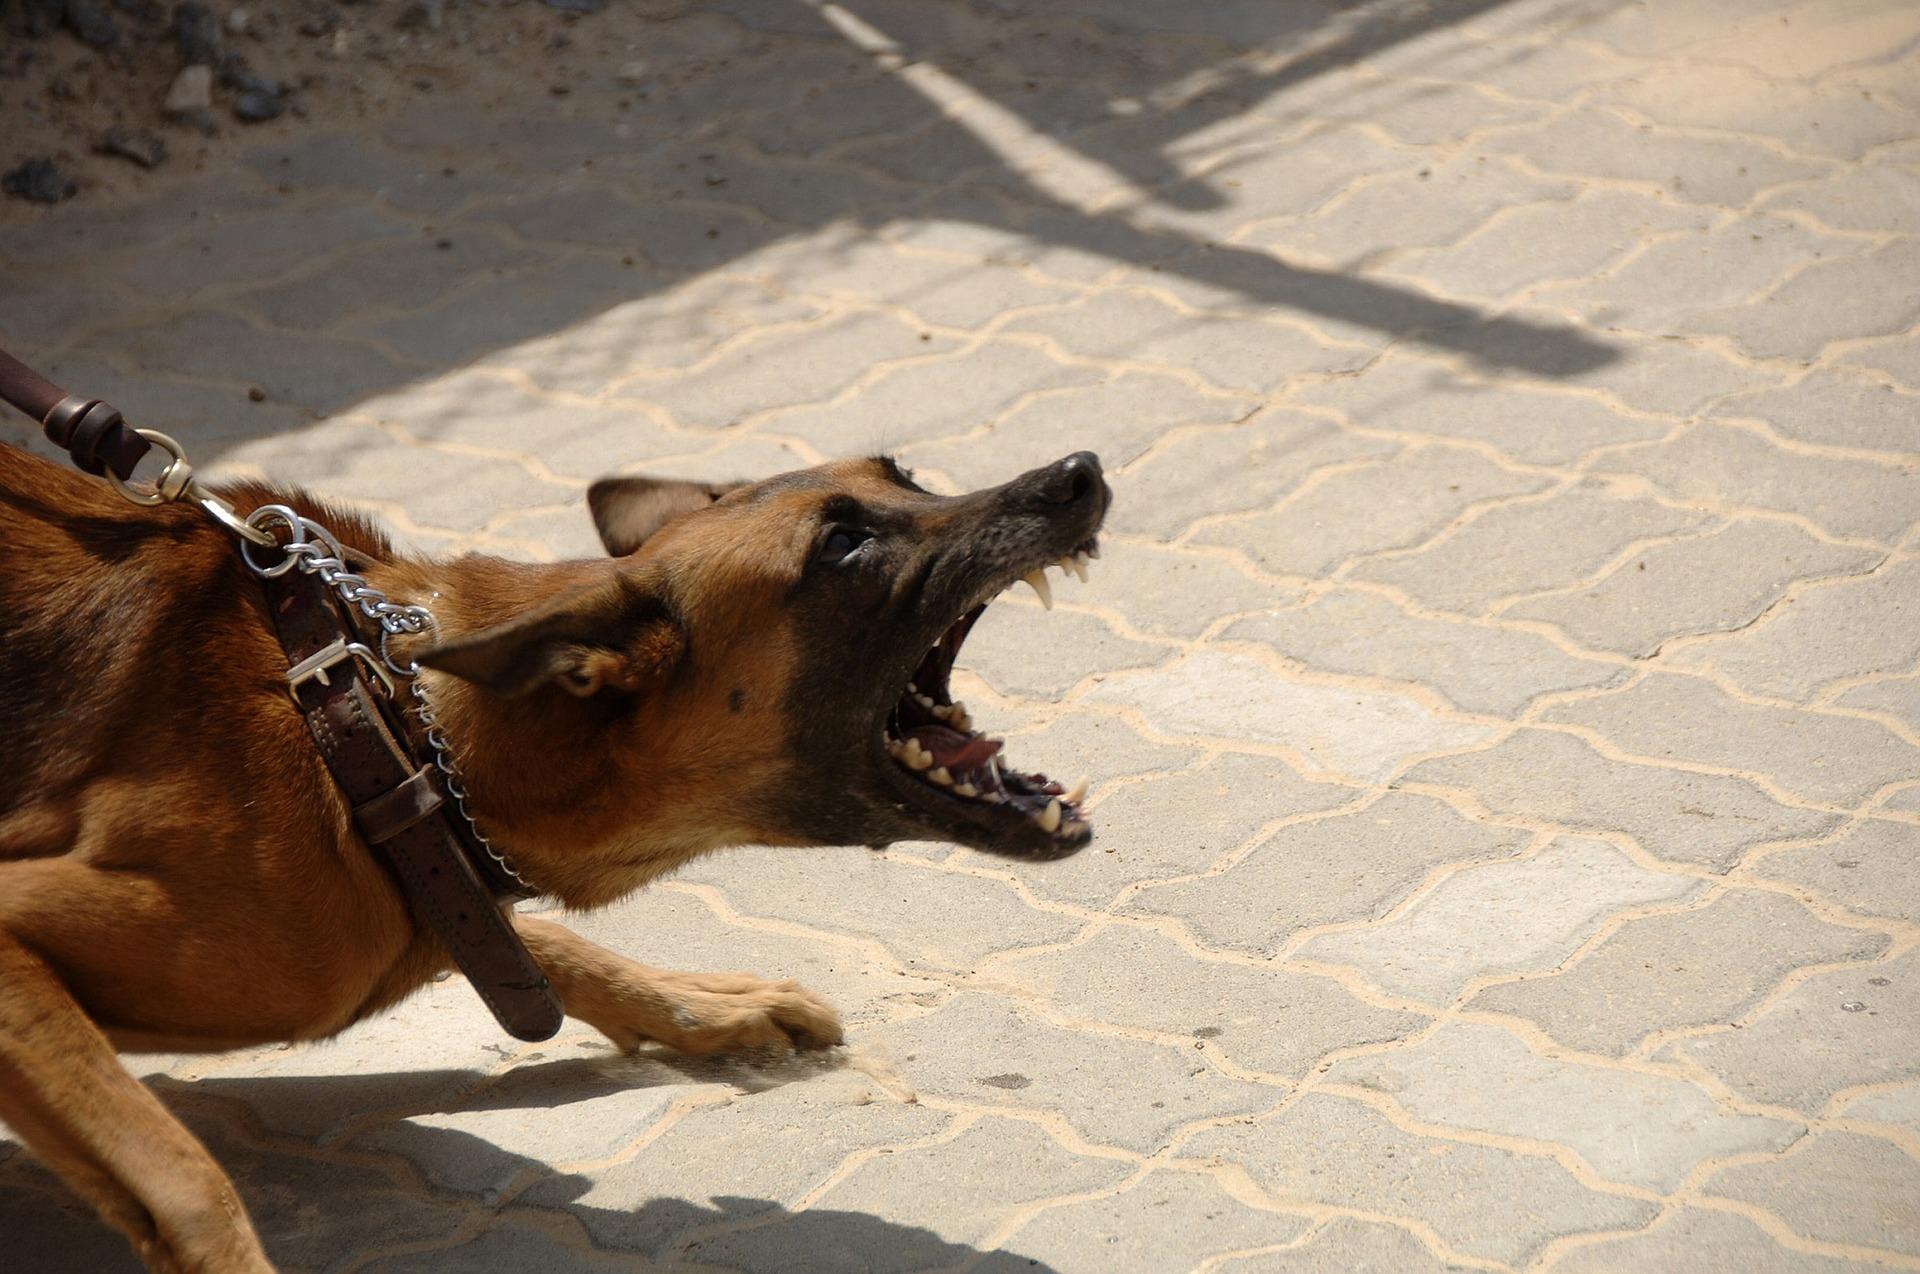 Aggressiveness versus Defensiveness